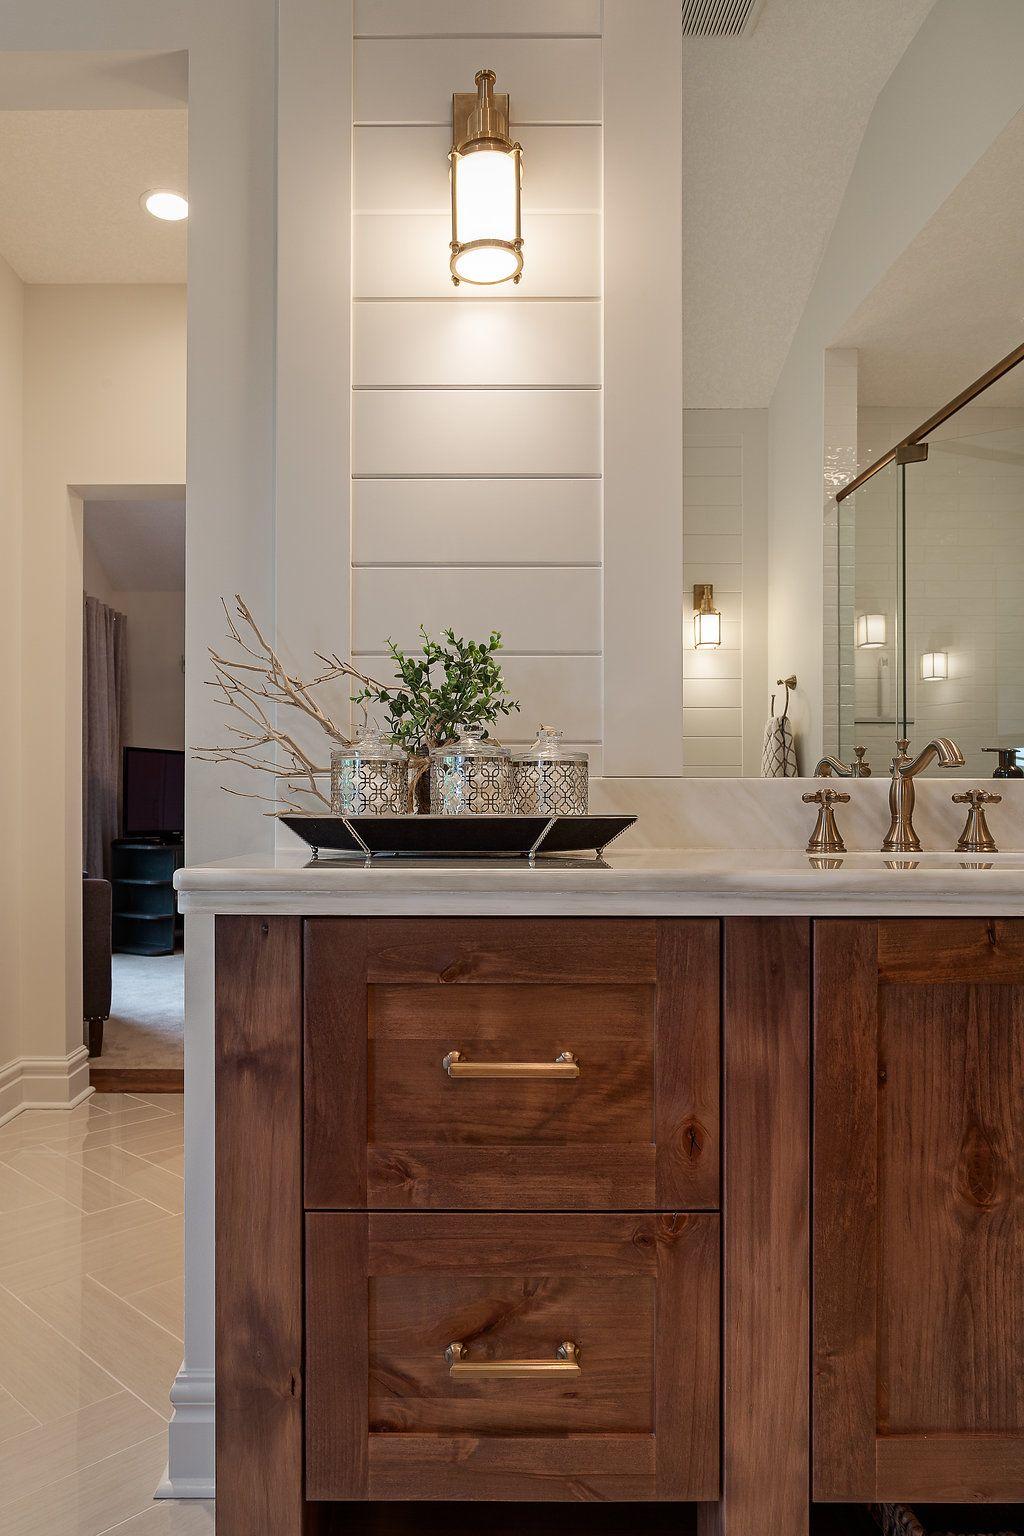 Master bathroom vanity detail inspiring spaces in pinterest